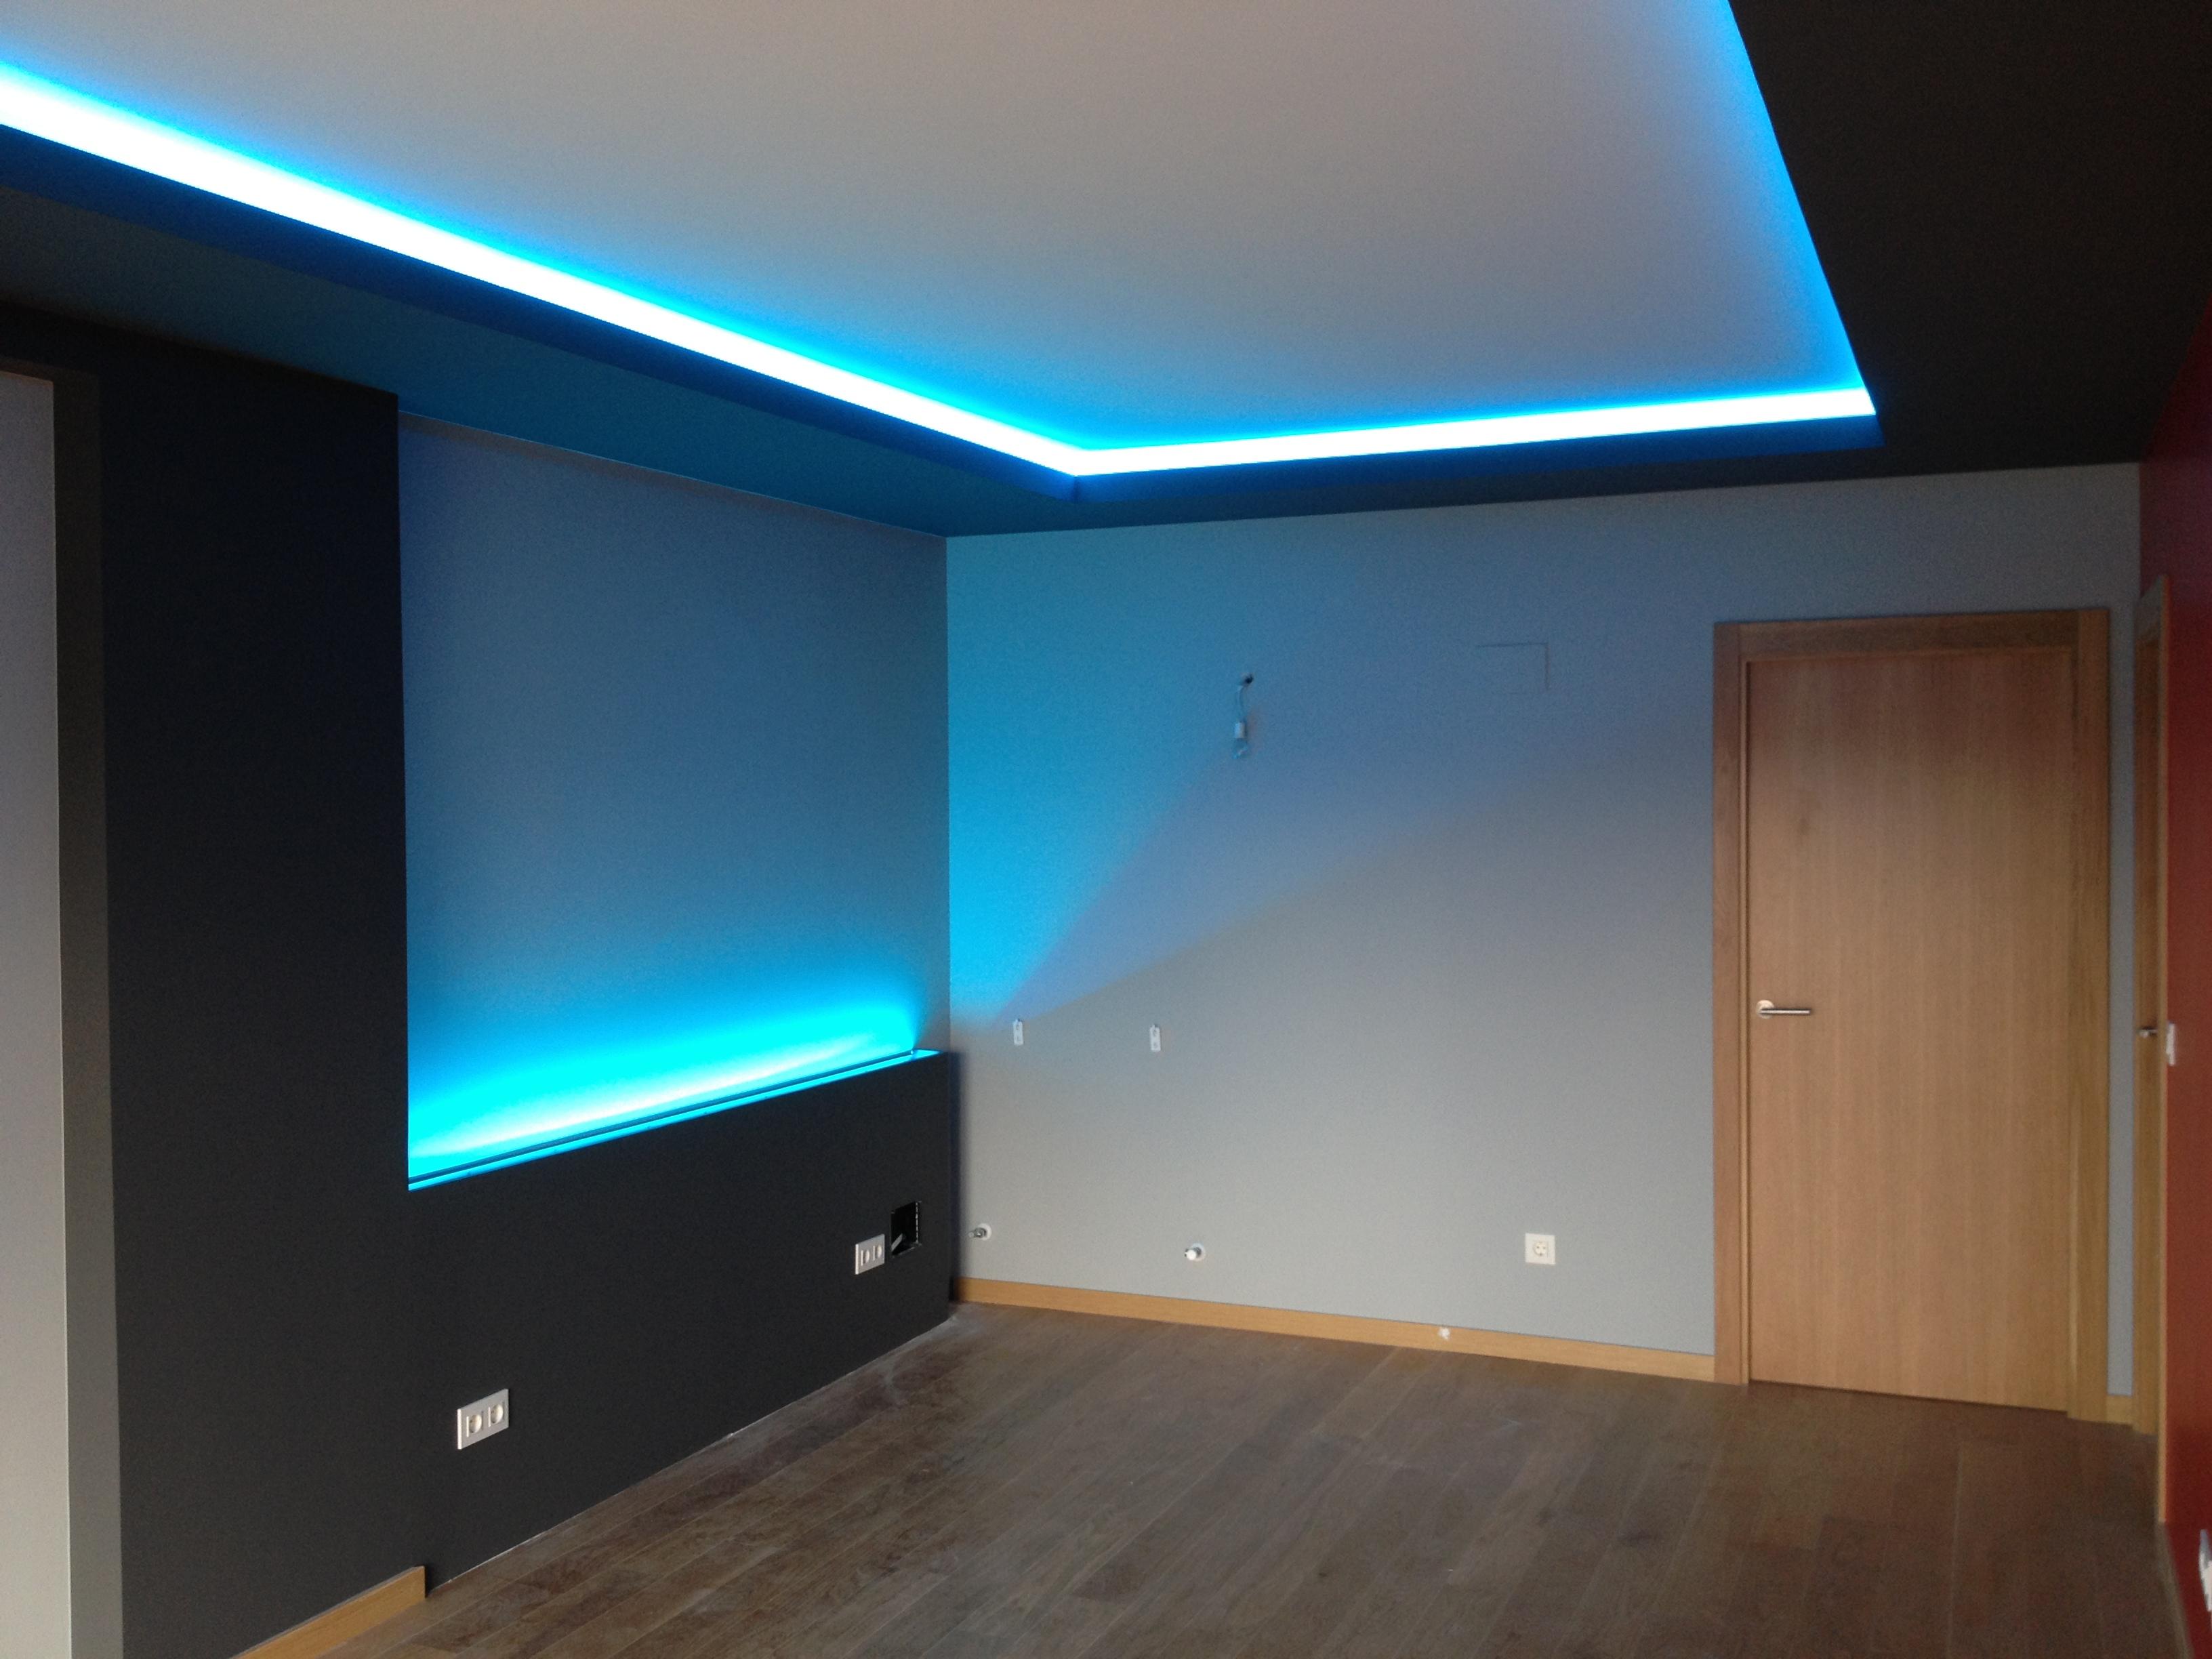 La escayola pladur y las tiras led hacen buen equipo for Muebles de salon con luz led